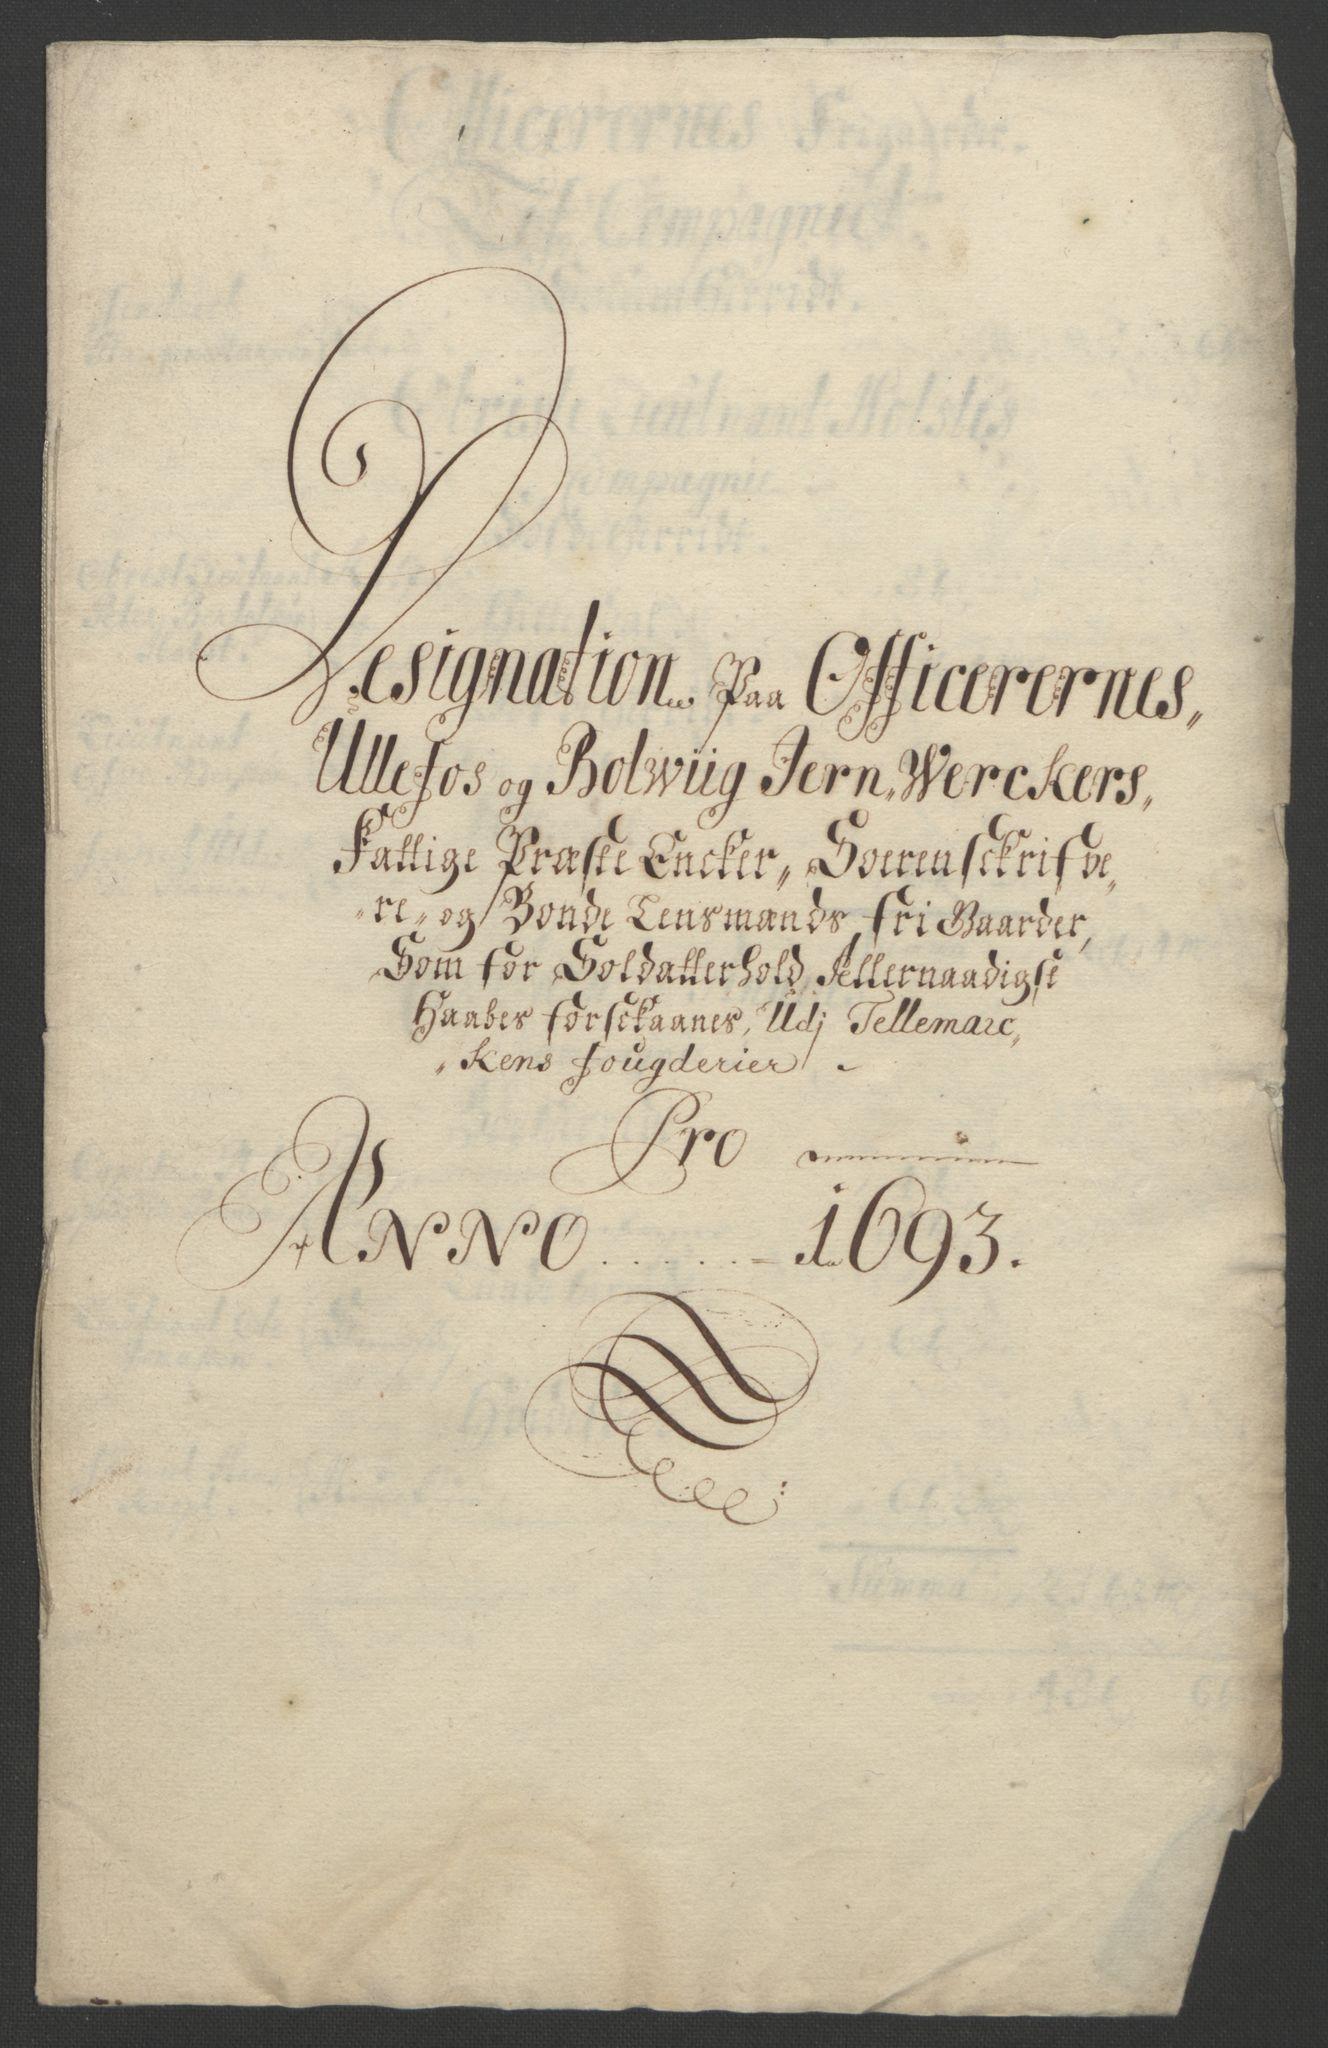 RA, Rentekammeret inntil 1814, Reviderte regnskaper, Fogderegnskap, R35/L2091: Fogderegnskap Øvre og Nedre Telemark, 1690-1693, s. 369